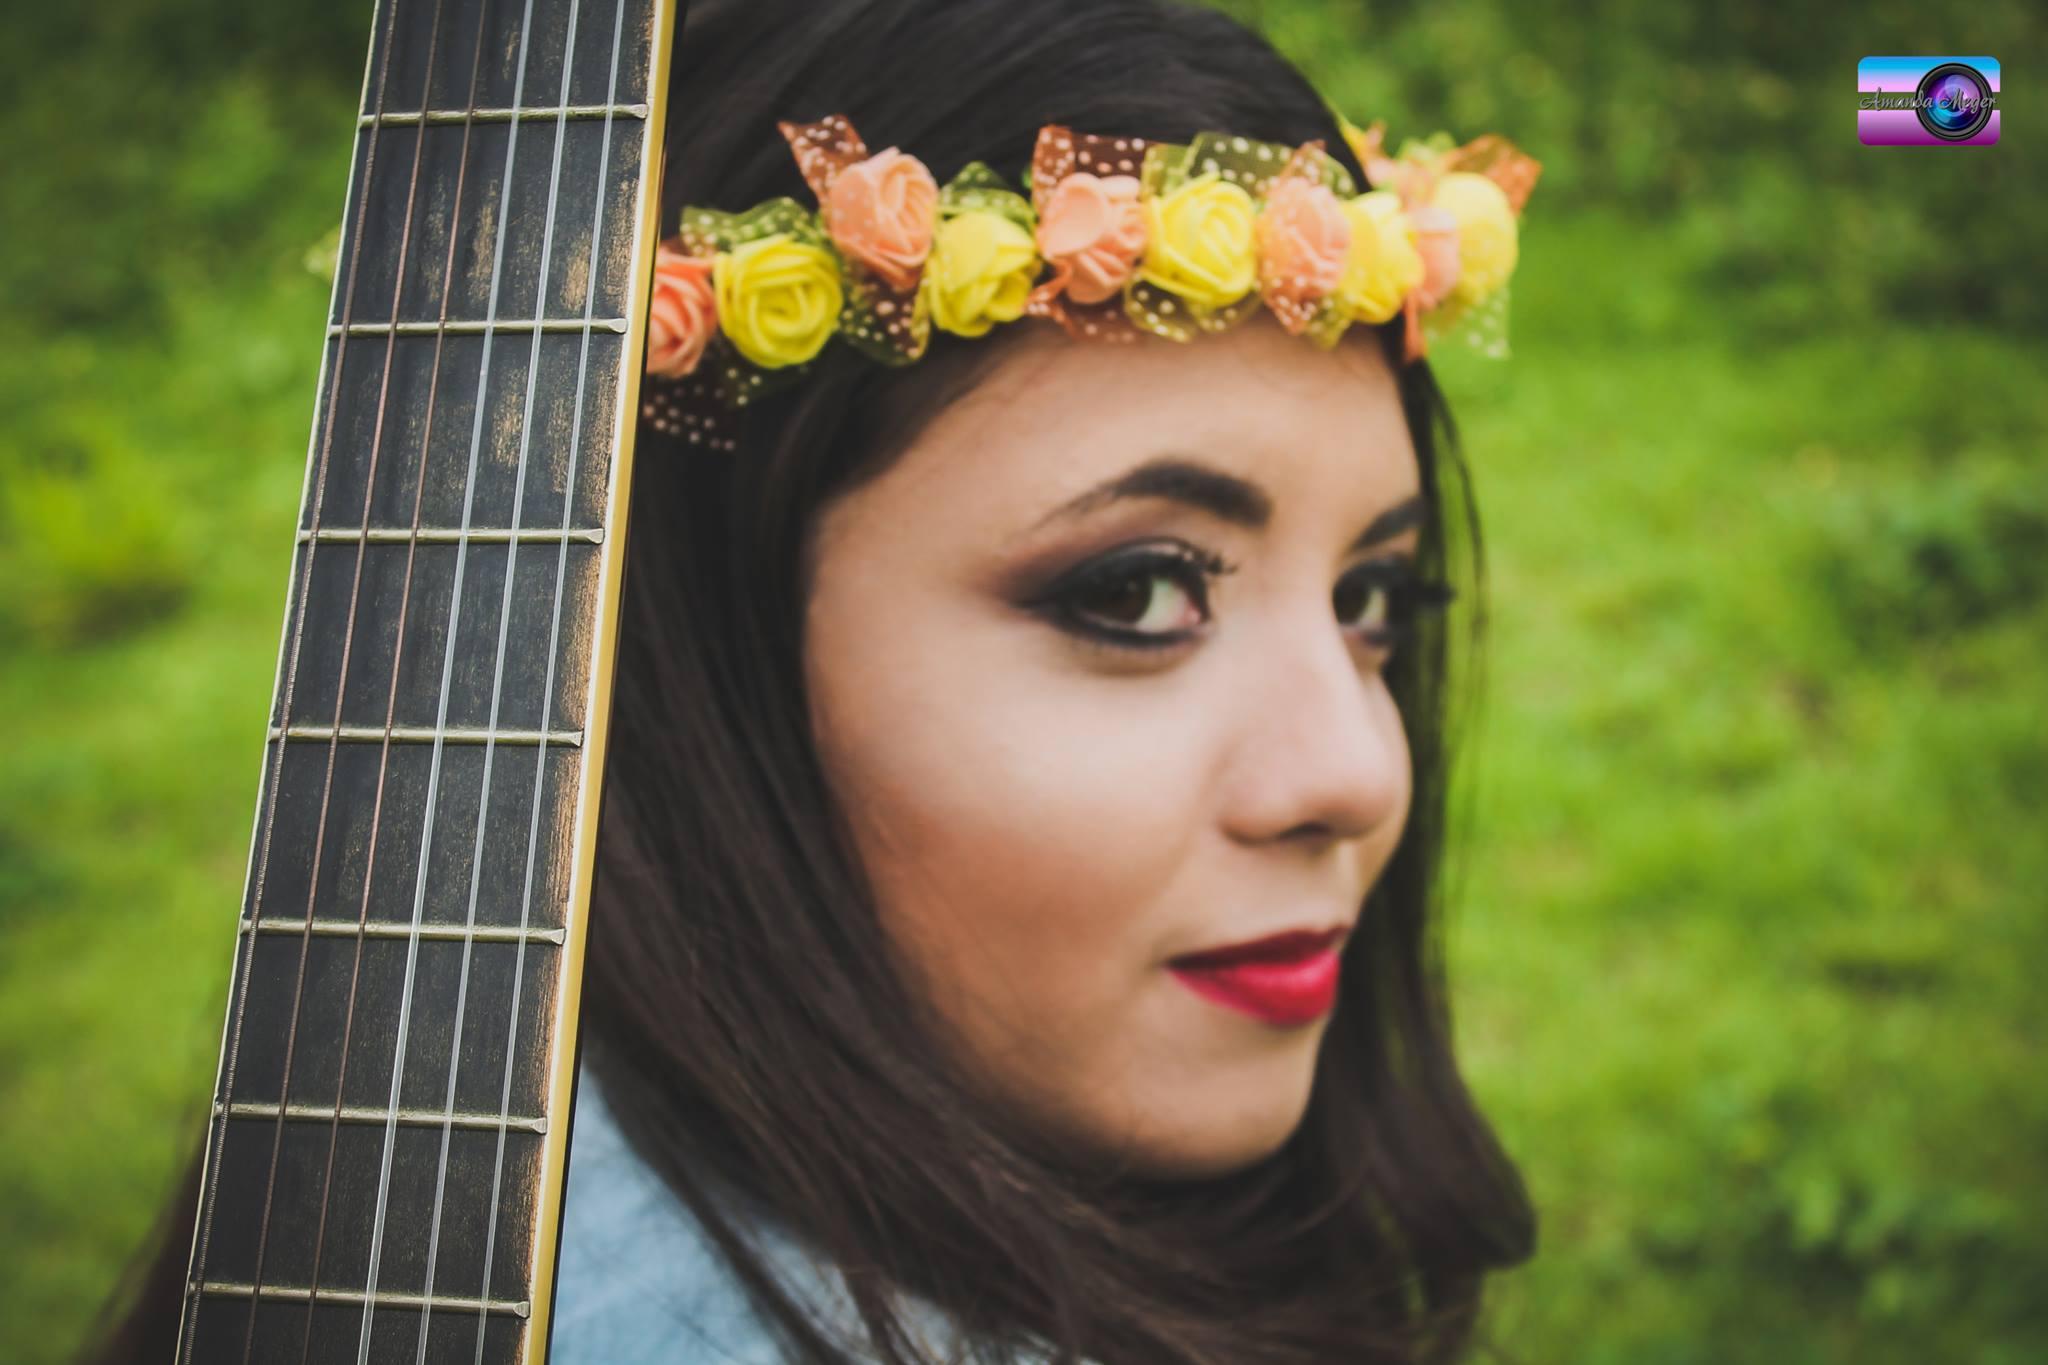 ALÉM DA COMUNICA: Aluna se torna destaque por seu talento musical